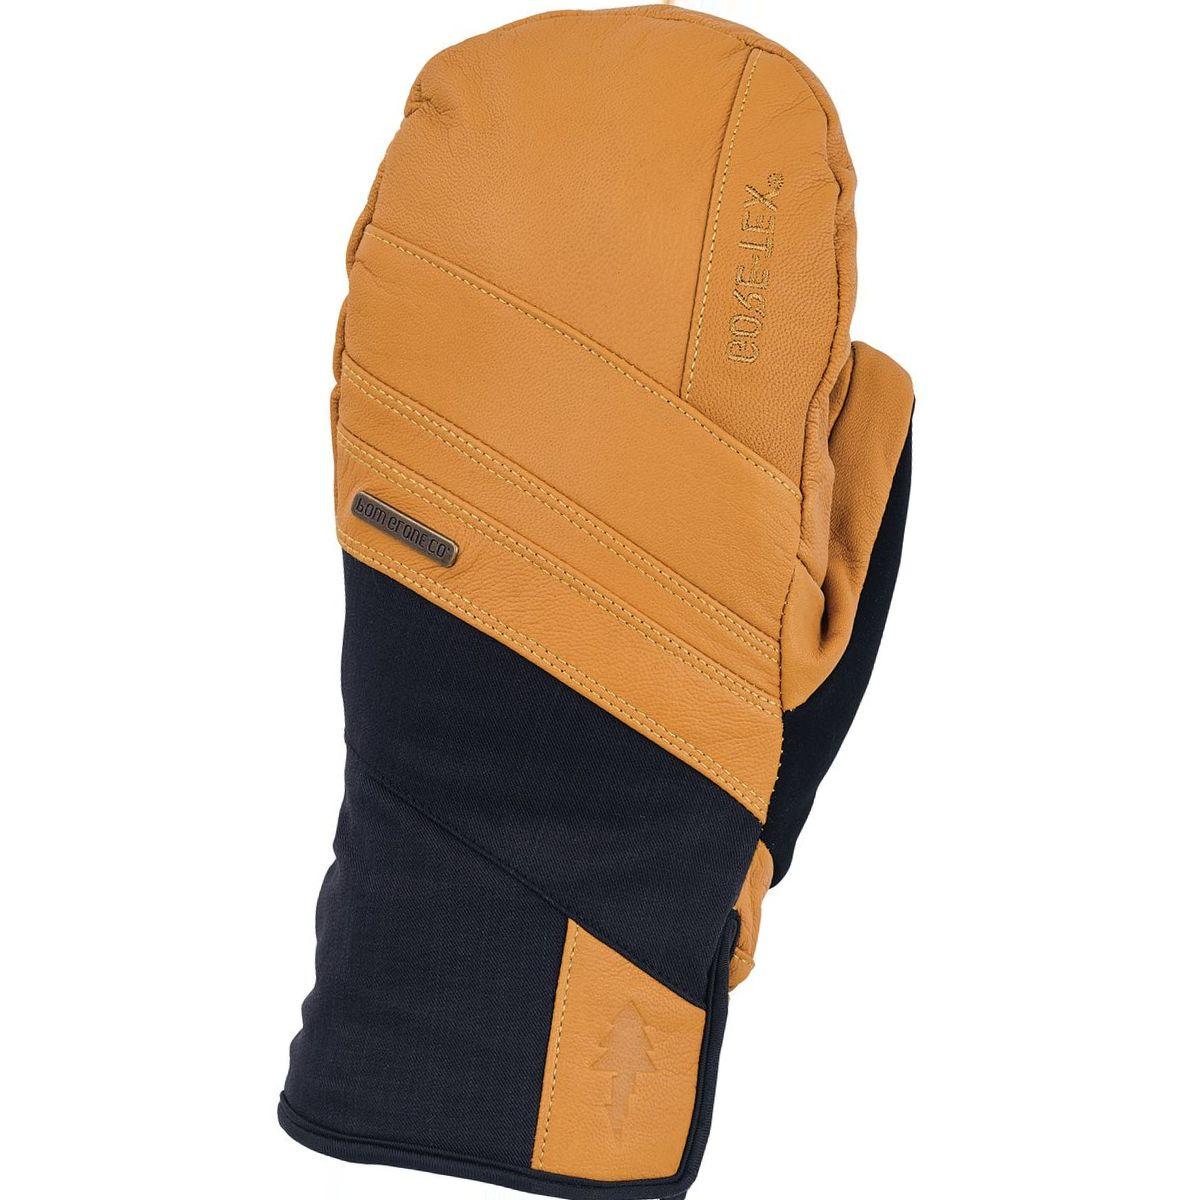 Pow Gloves Royal GTX Active Mitten - Men's